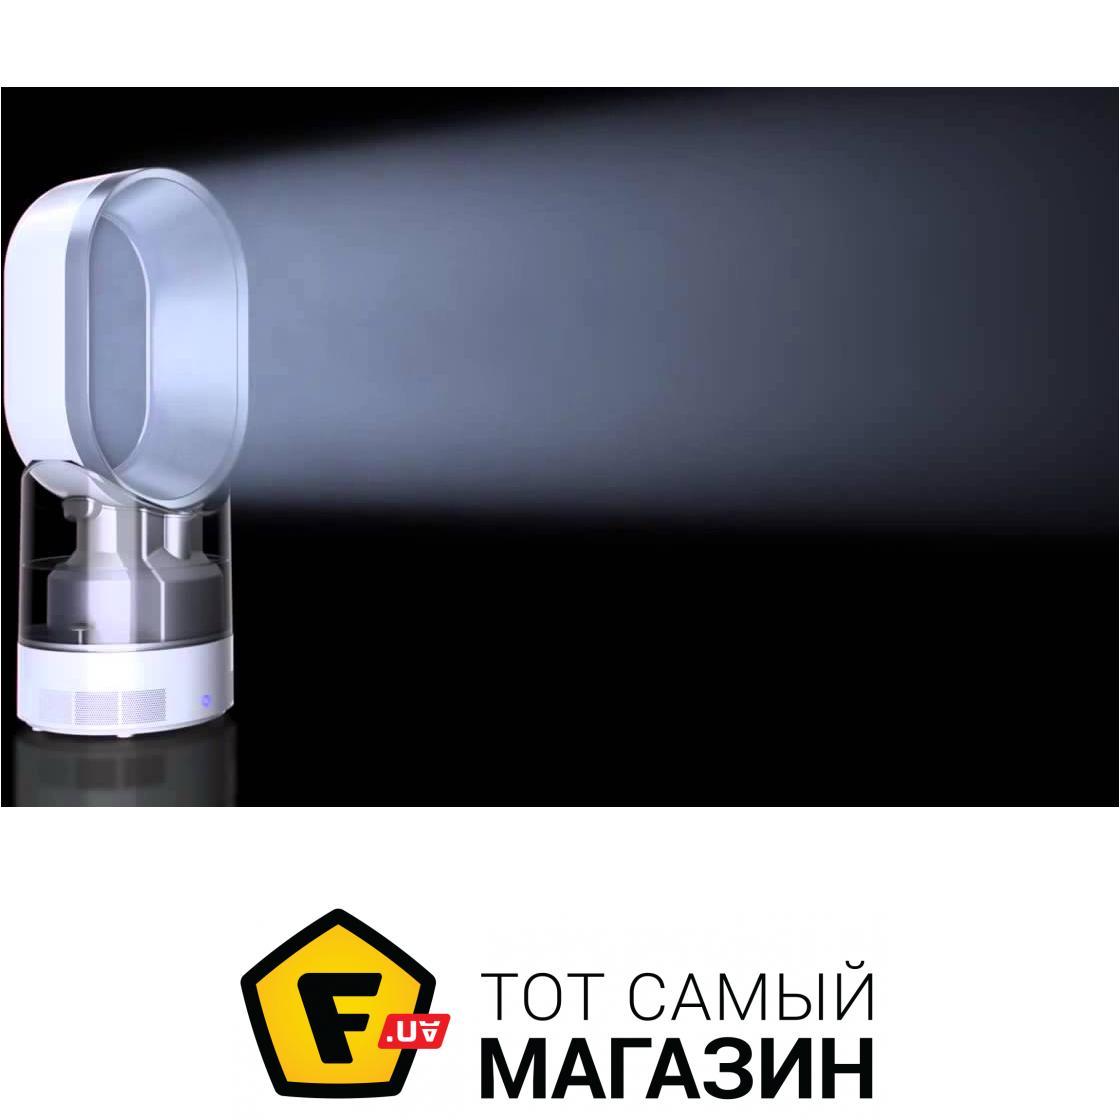 Купить dyson humidifier дайсон 29 пылесос отзывы